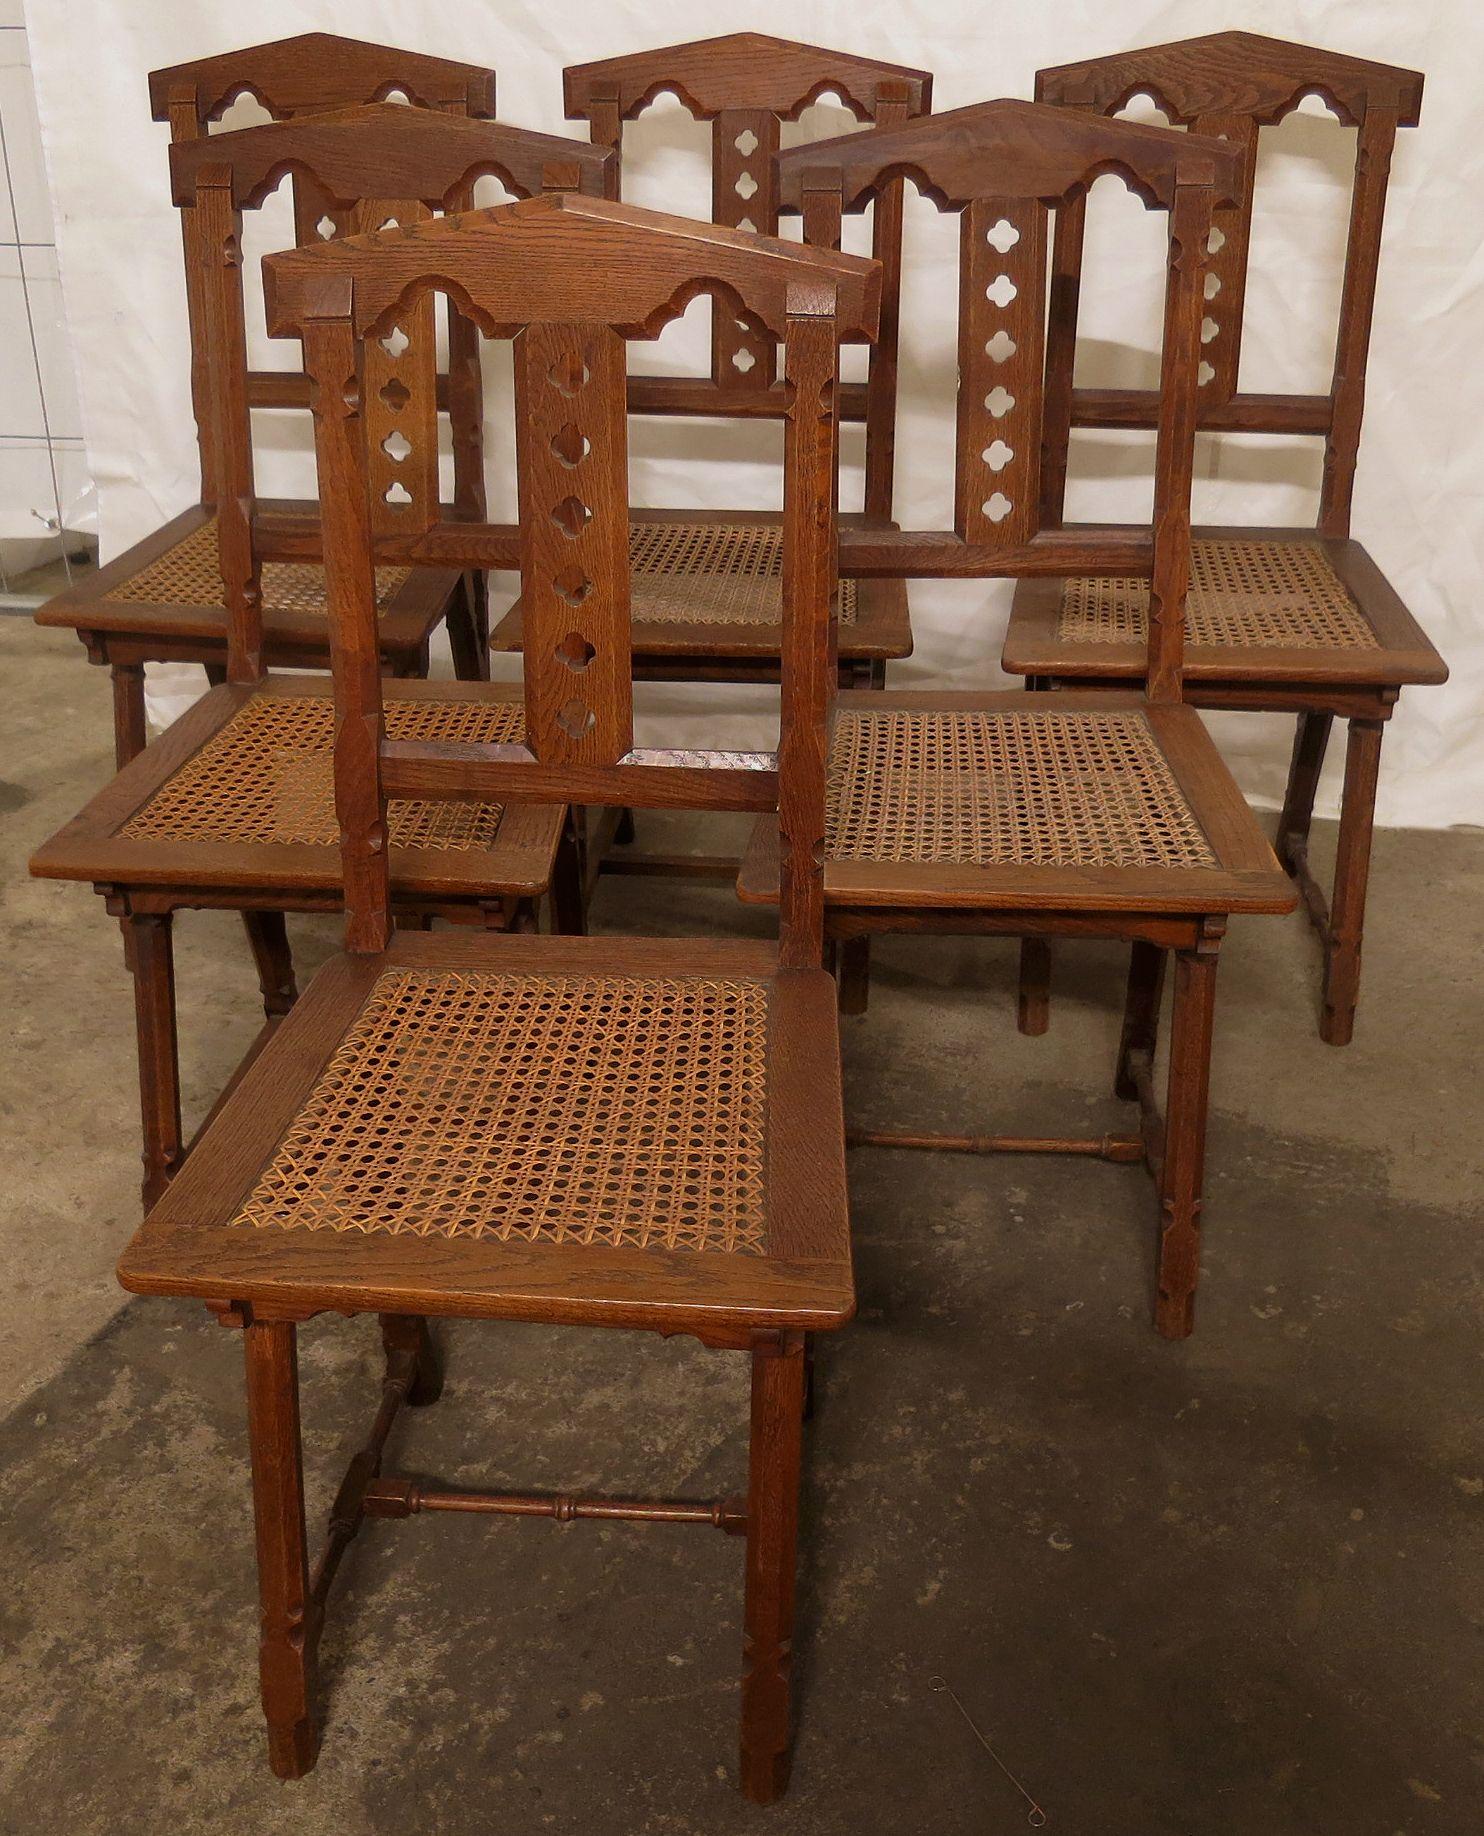 Sechs Stühle Sitzfläche aus Bastgeflecht  Epoche : Neogotik Holzart : Eiche Kennung : Nr. 044